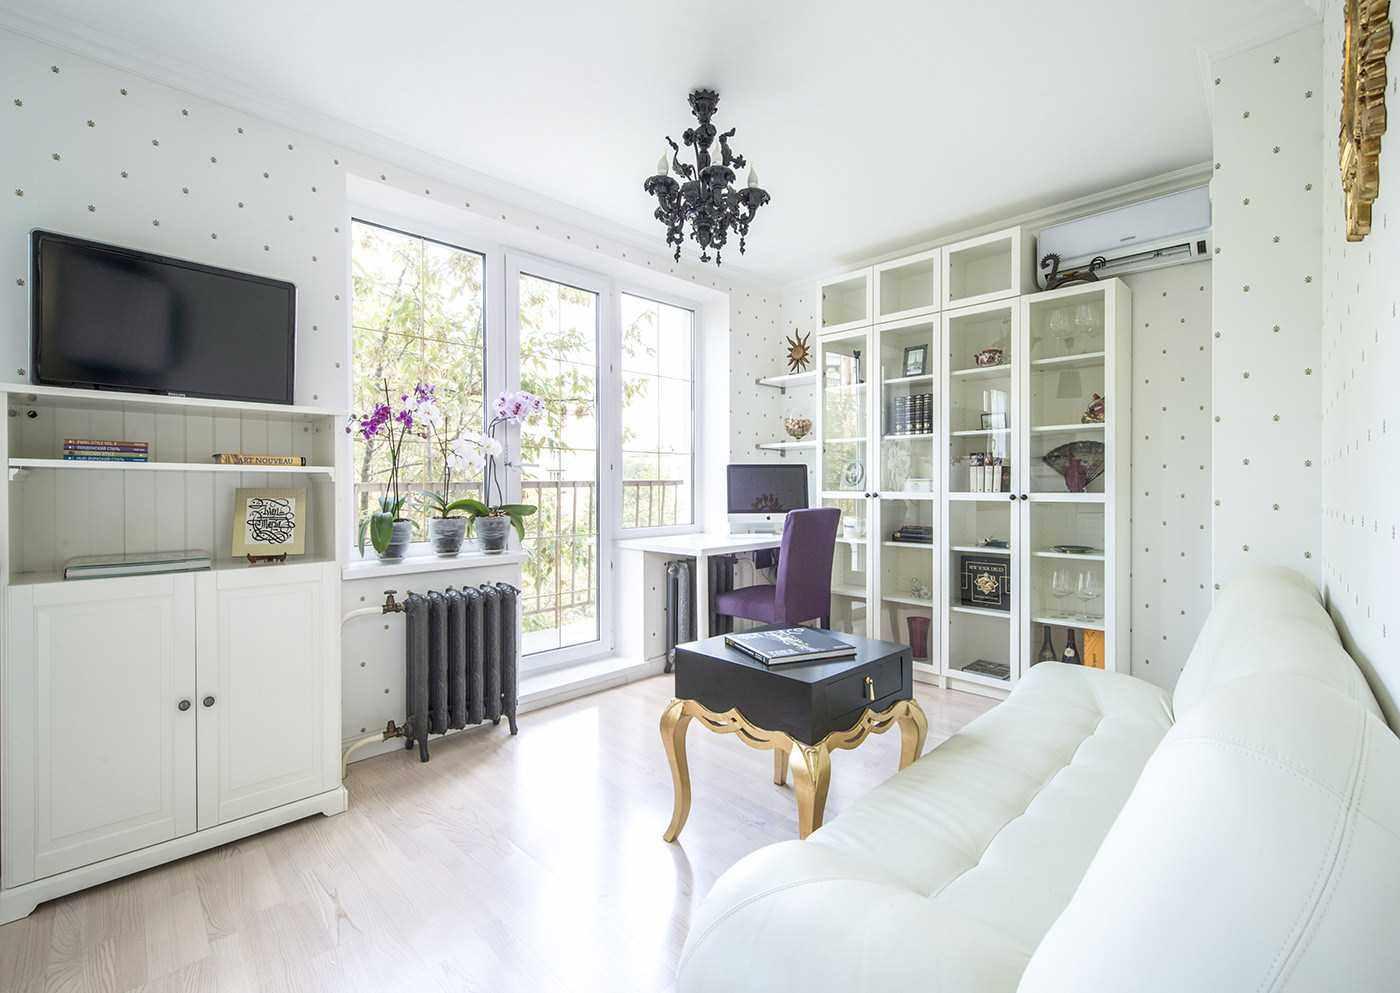 Một ví dụ về phong cách sáng của giấy dán tường cho phòng khách